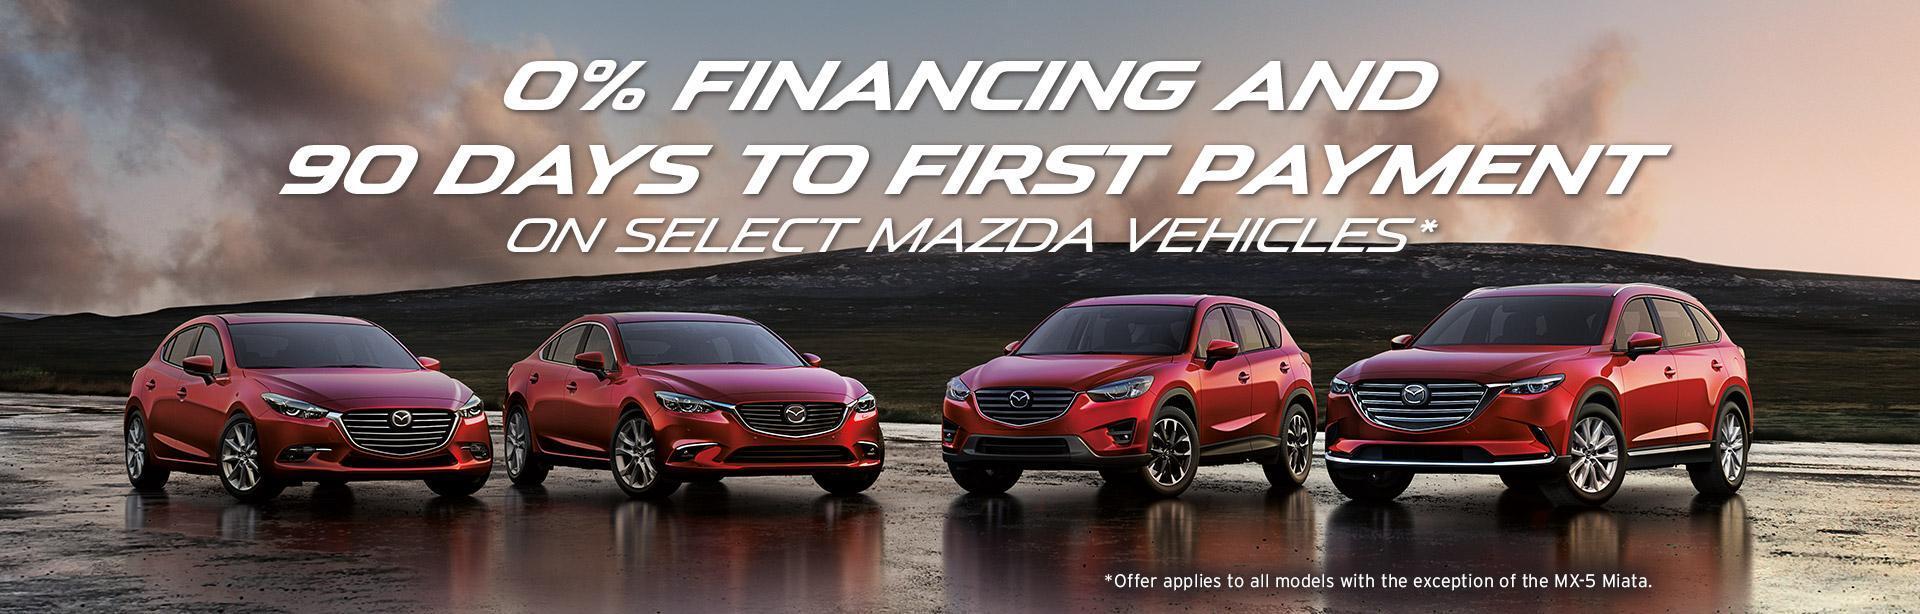 Mazda 2017 Models